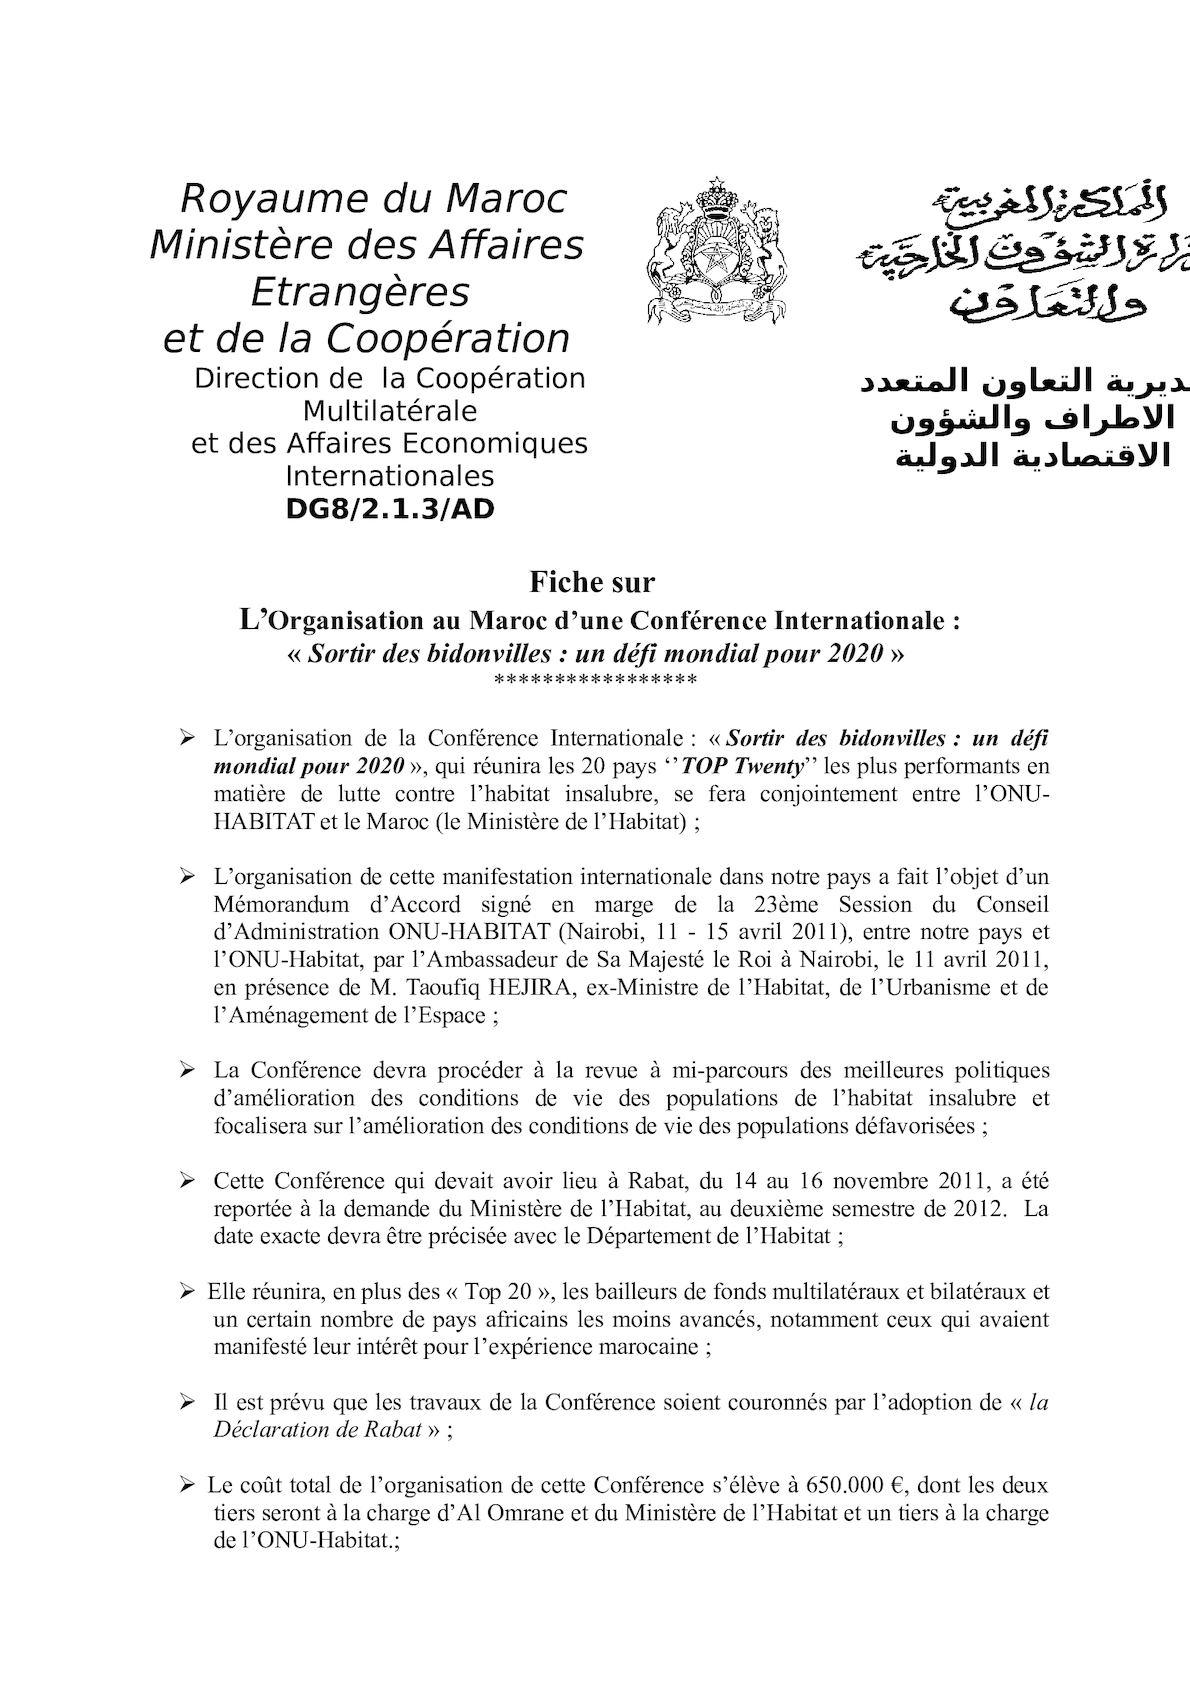 Fiche ONU HABITAT Conférence Top2027Mars2012